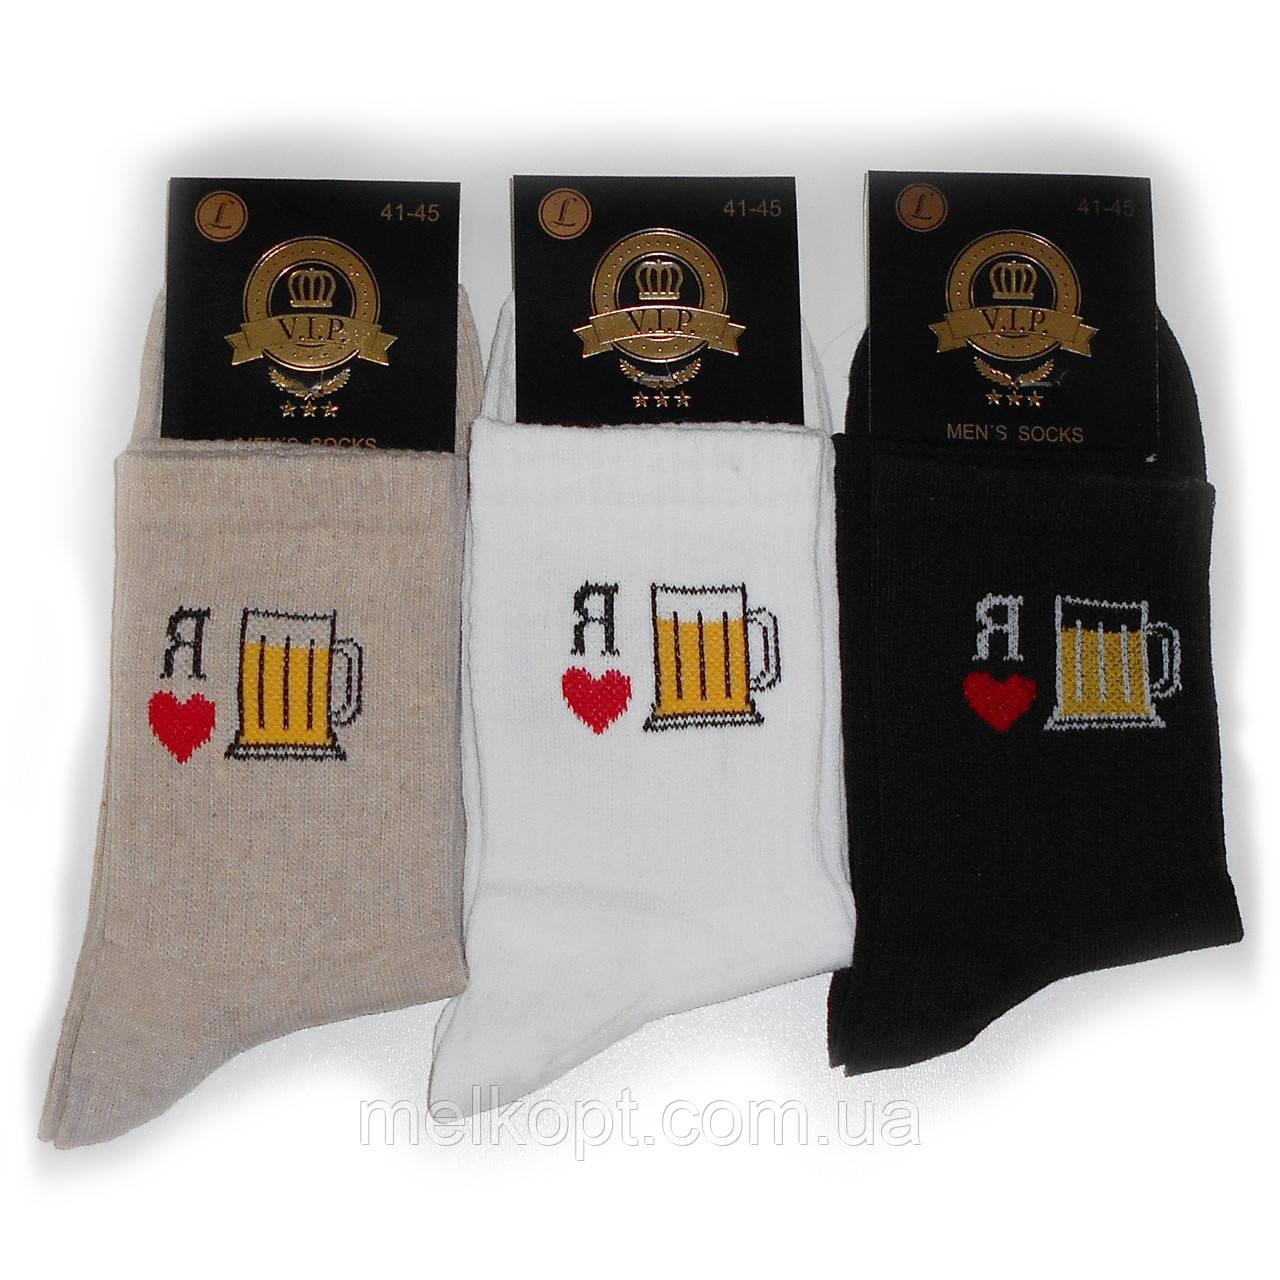 Мужские носки с приколами V.I.P. от 12,75 грн./пара (Я люблю пиво)